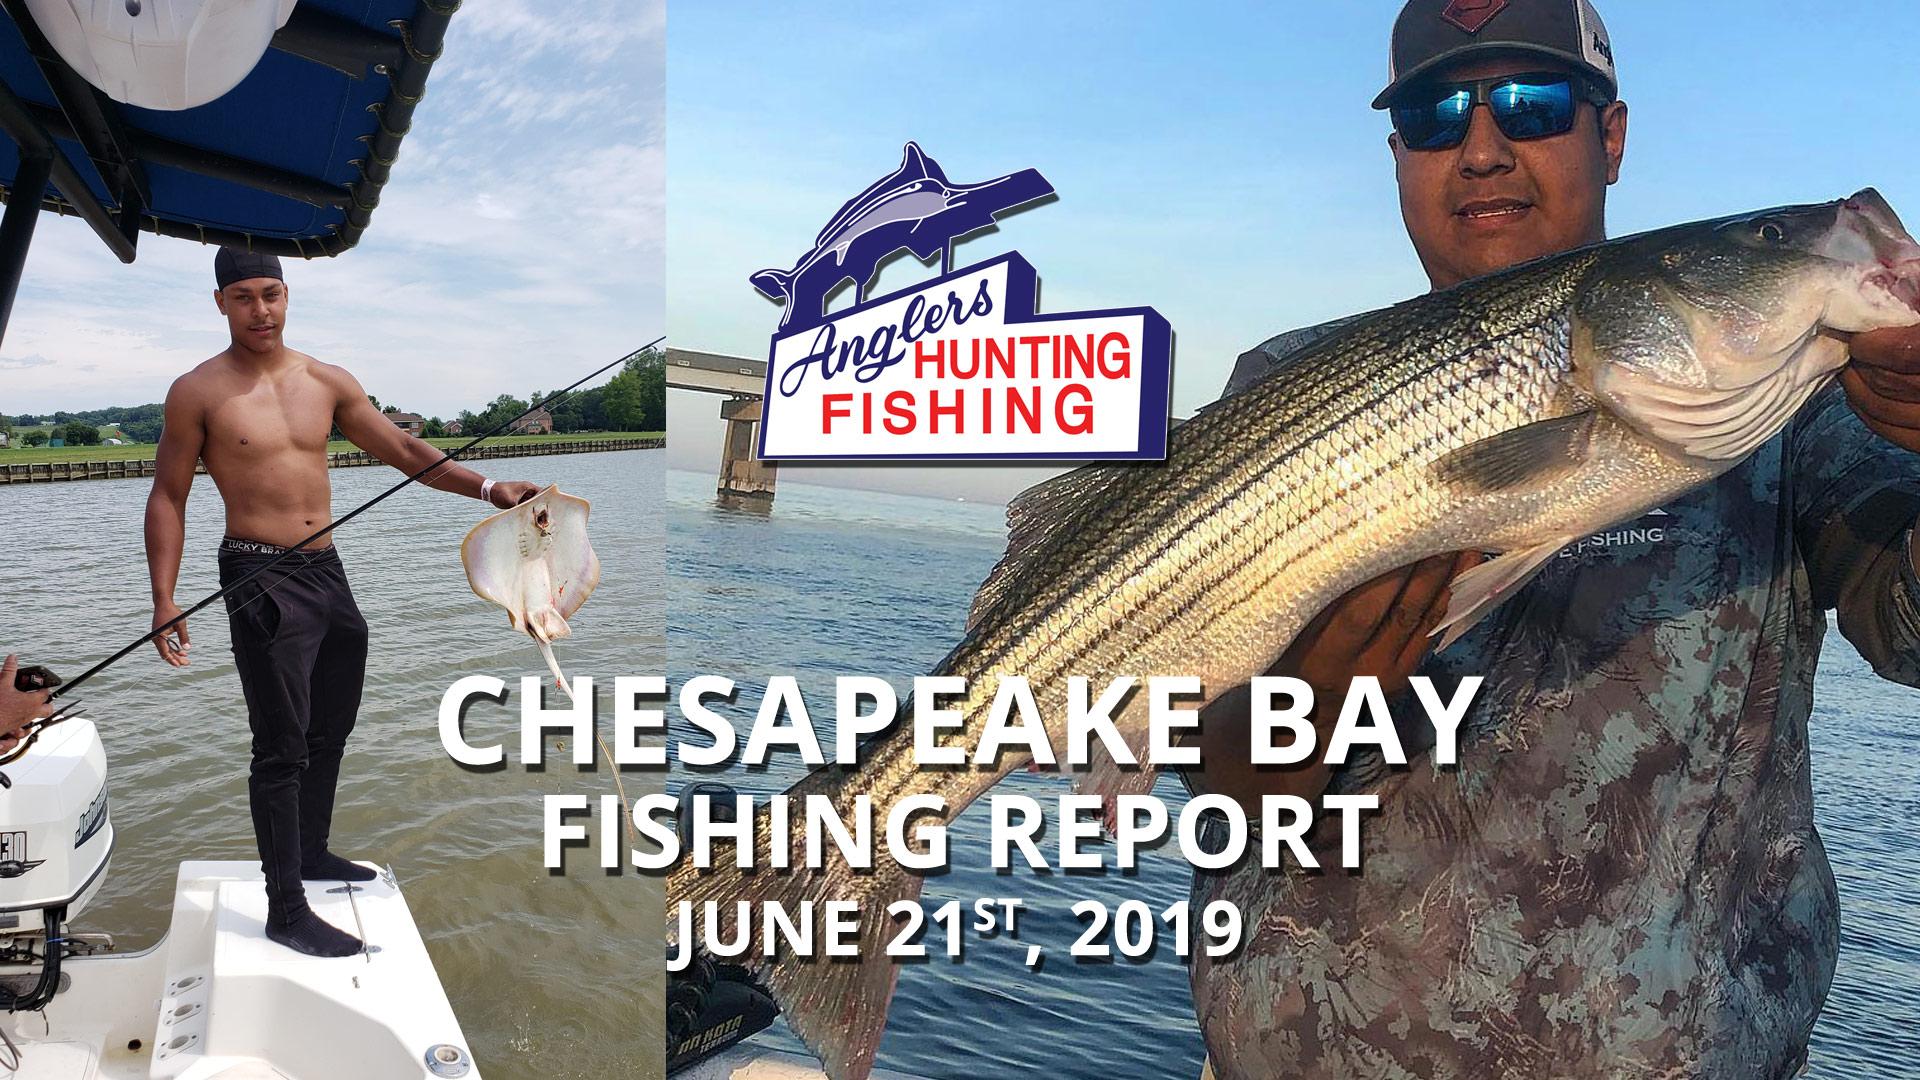 Chesapeake Bay Fishing Report - June 21st, 2019